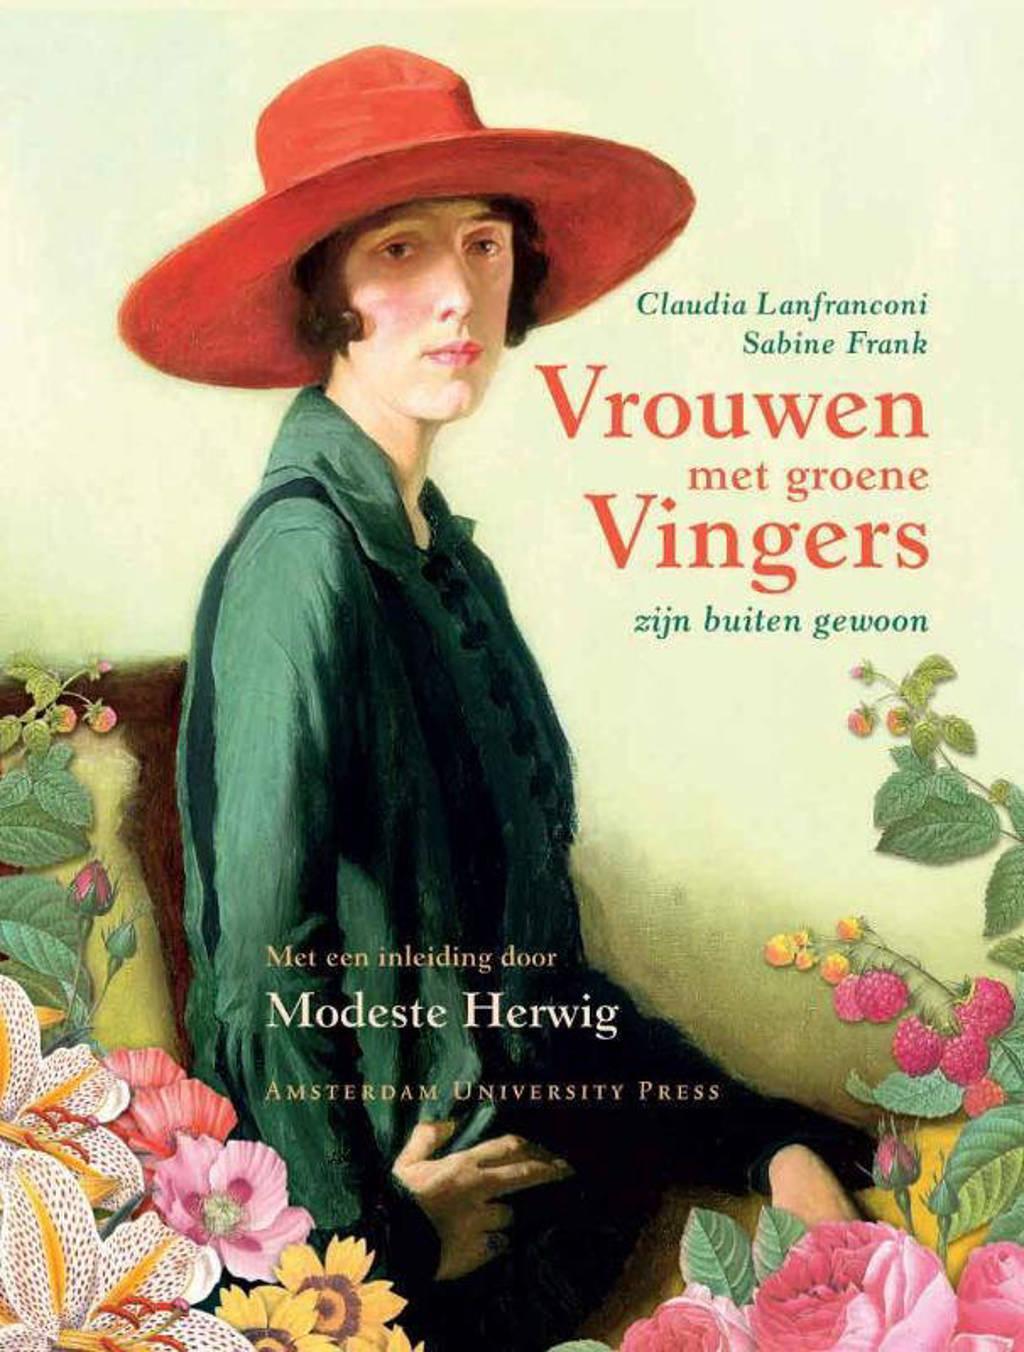 Vrouwen met groene vingers zijn buiten gewoon - C. Lanfranconi, S. Frank en Modeste Herwig